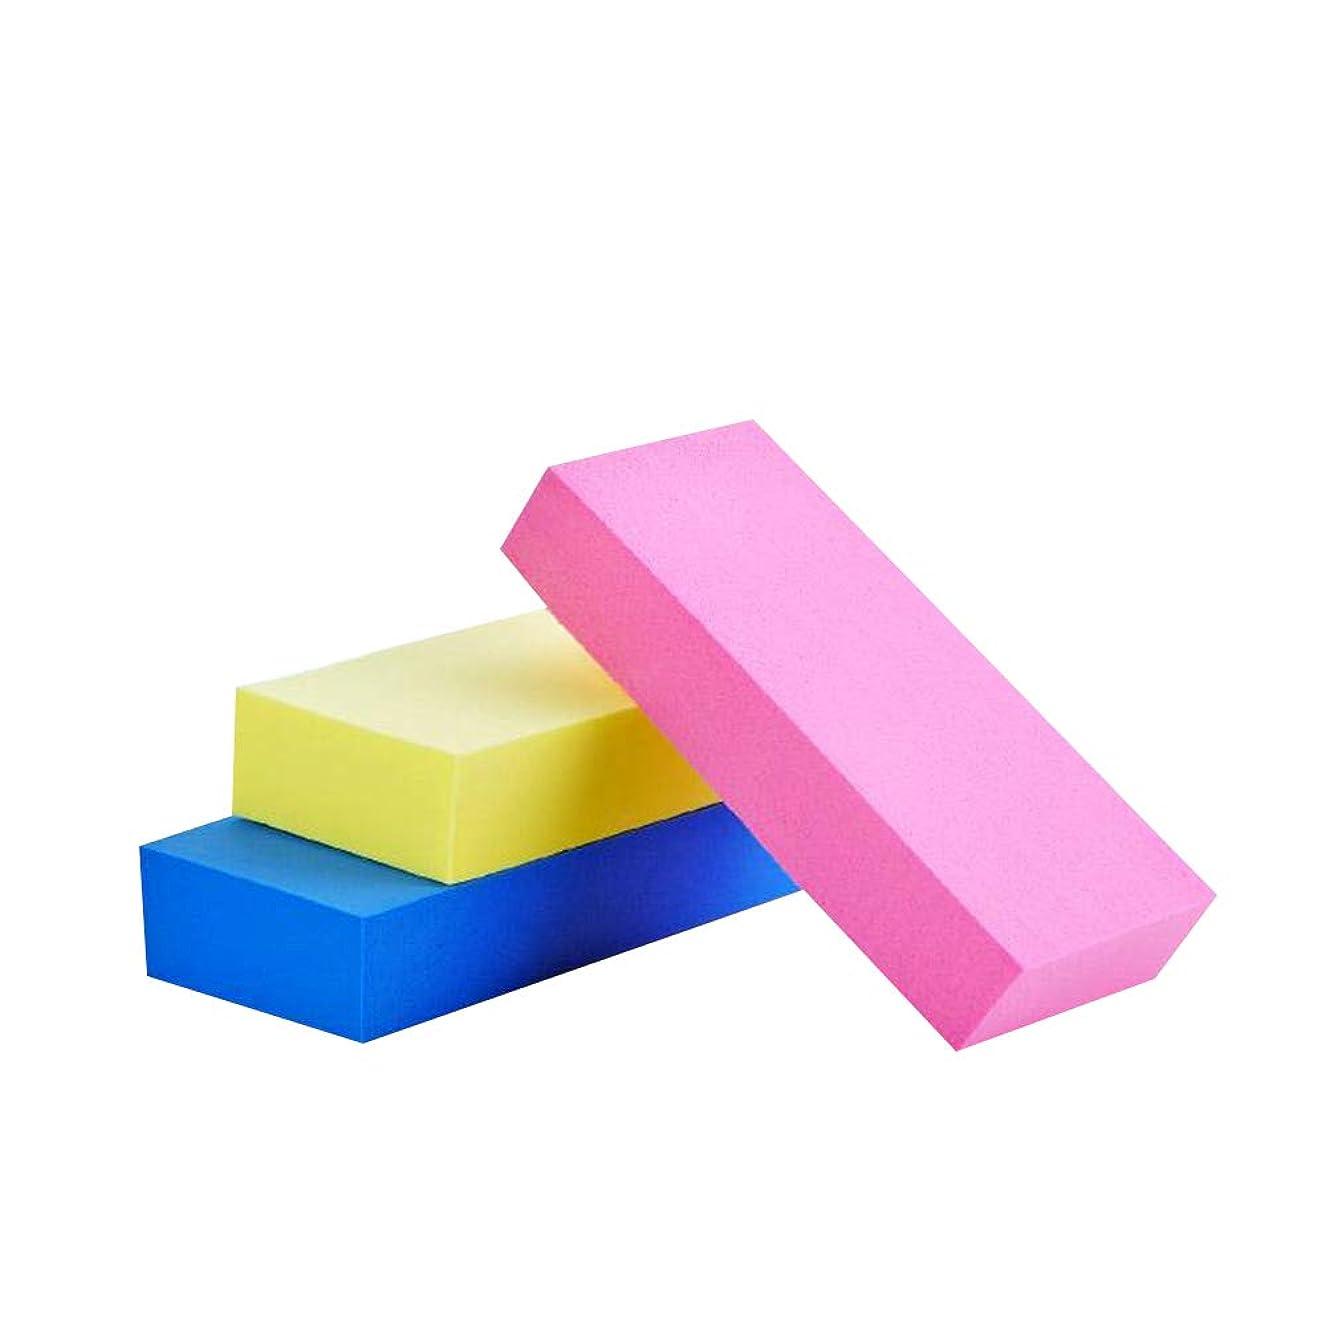 トランクバックグラウンド三角形Lurrose 3ピースシャワースポンジパッド剥離バススポンジクリーナーワイプスクラバー吸収体剥離剤と保湿剤